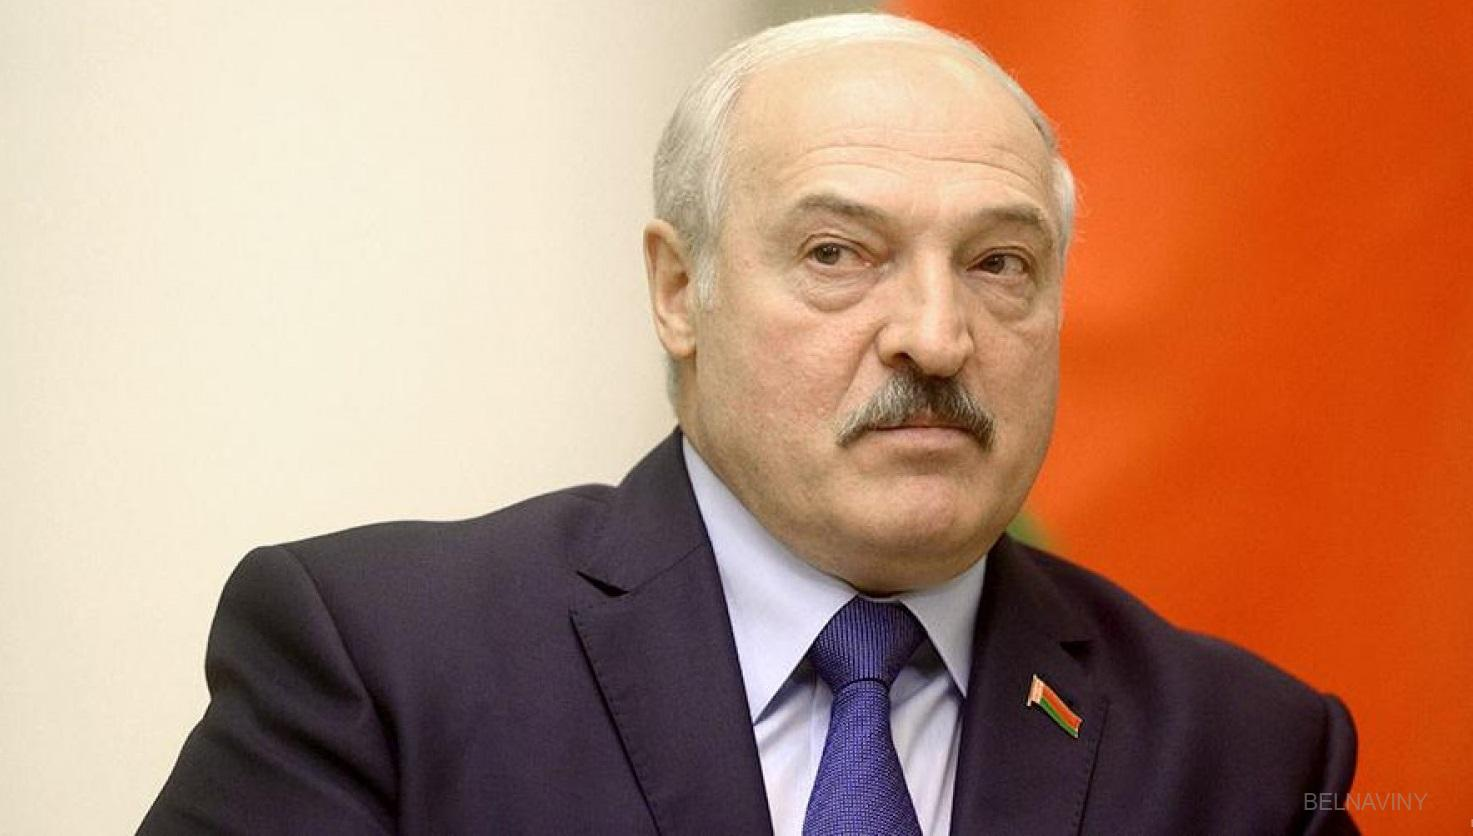 """Лукашенко перед выборами в Беларуси готов пойти на кардинальный шаг: """"Повторять больше не буду"""""""